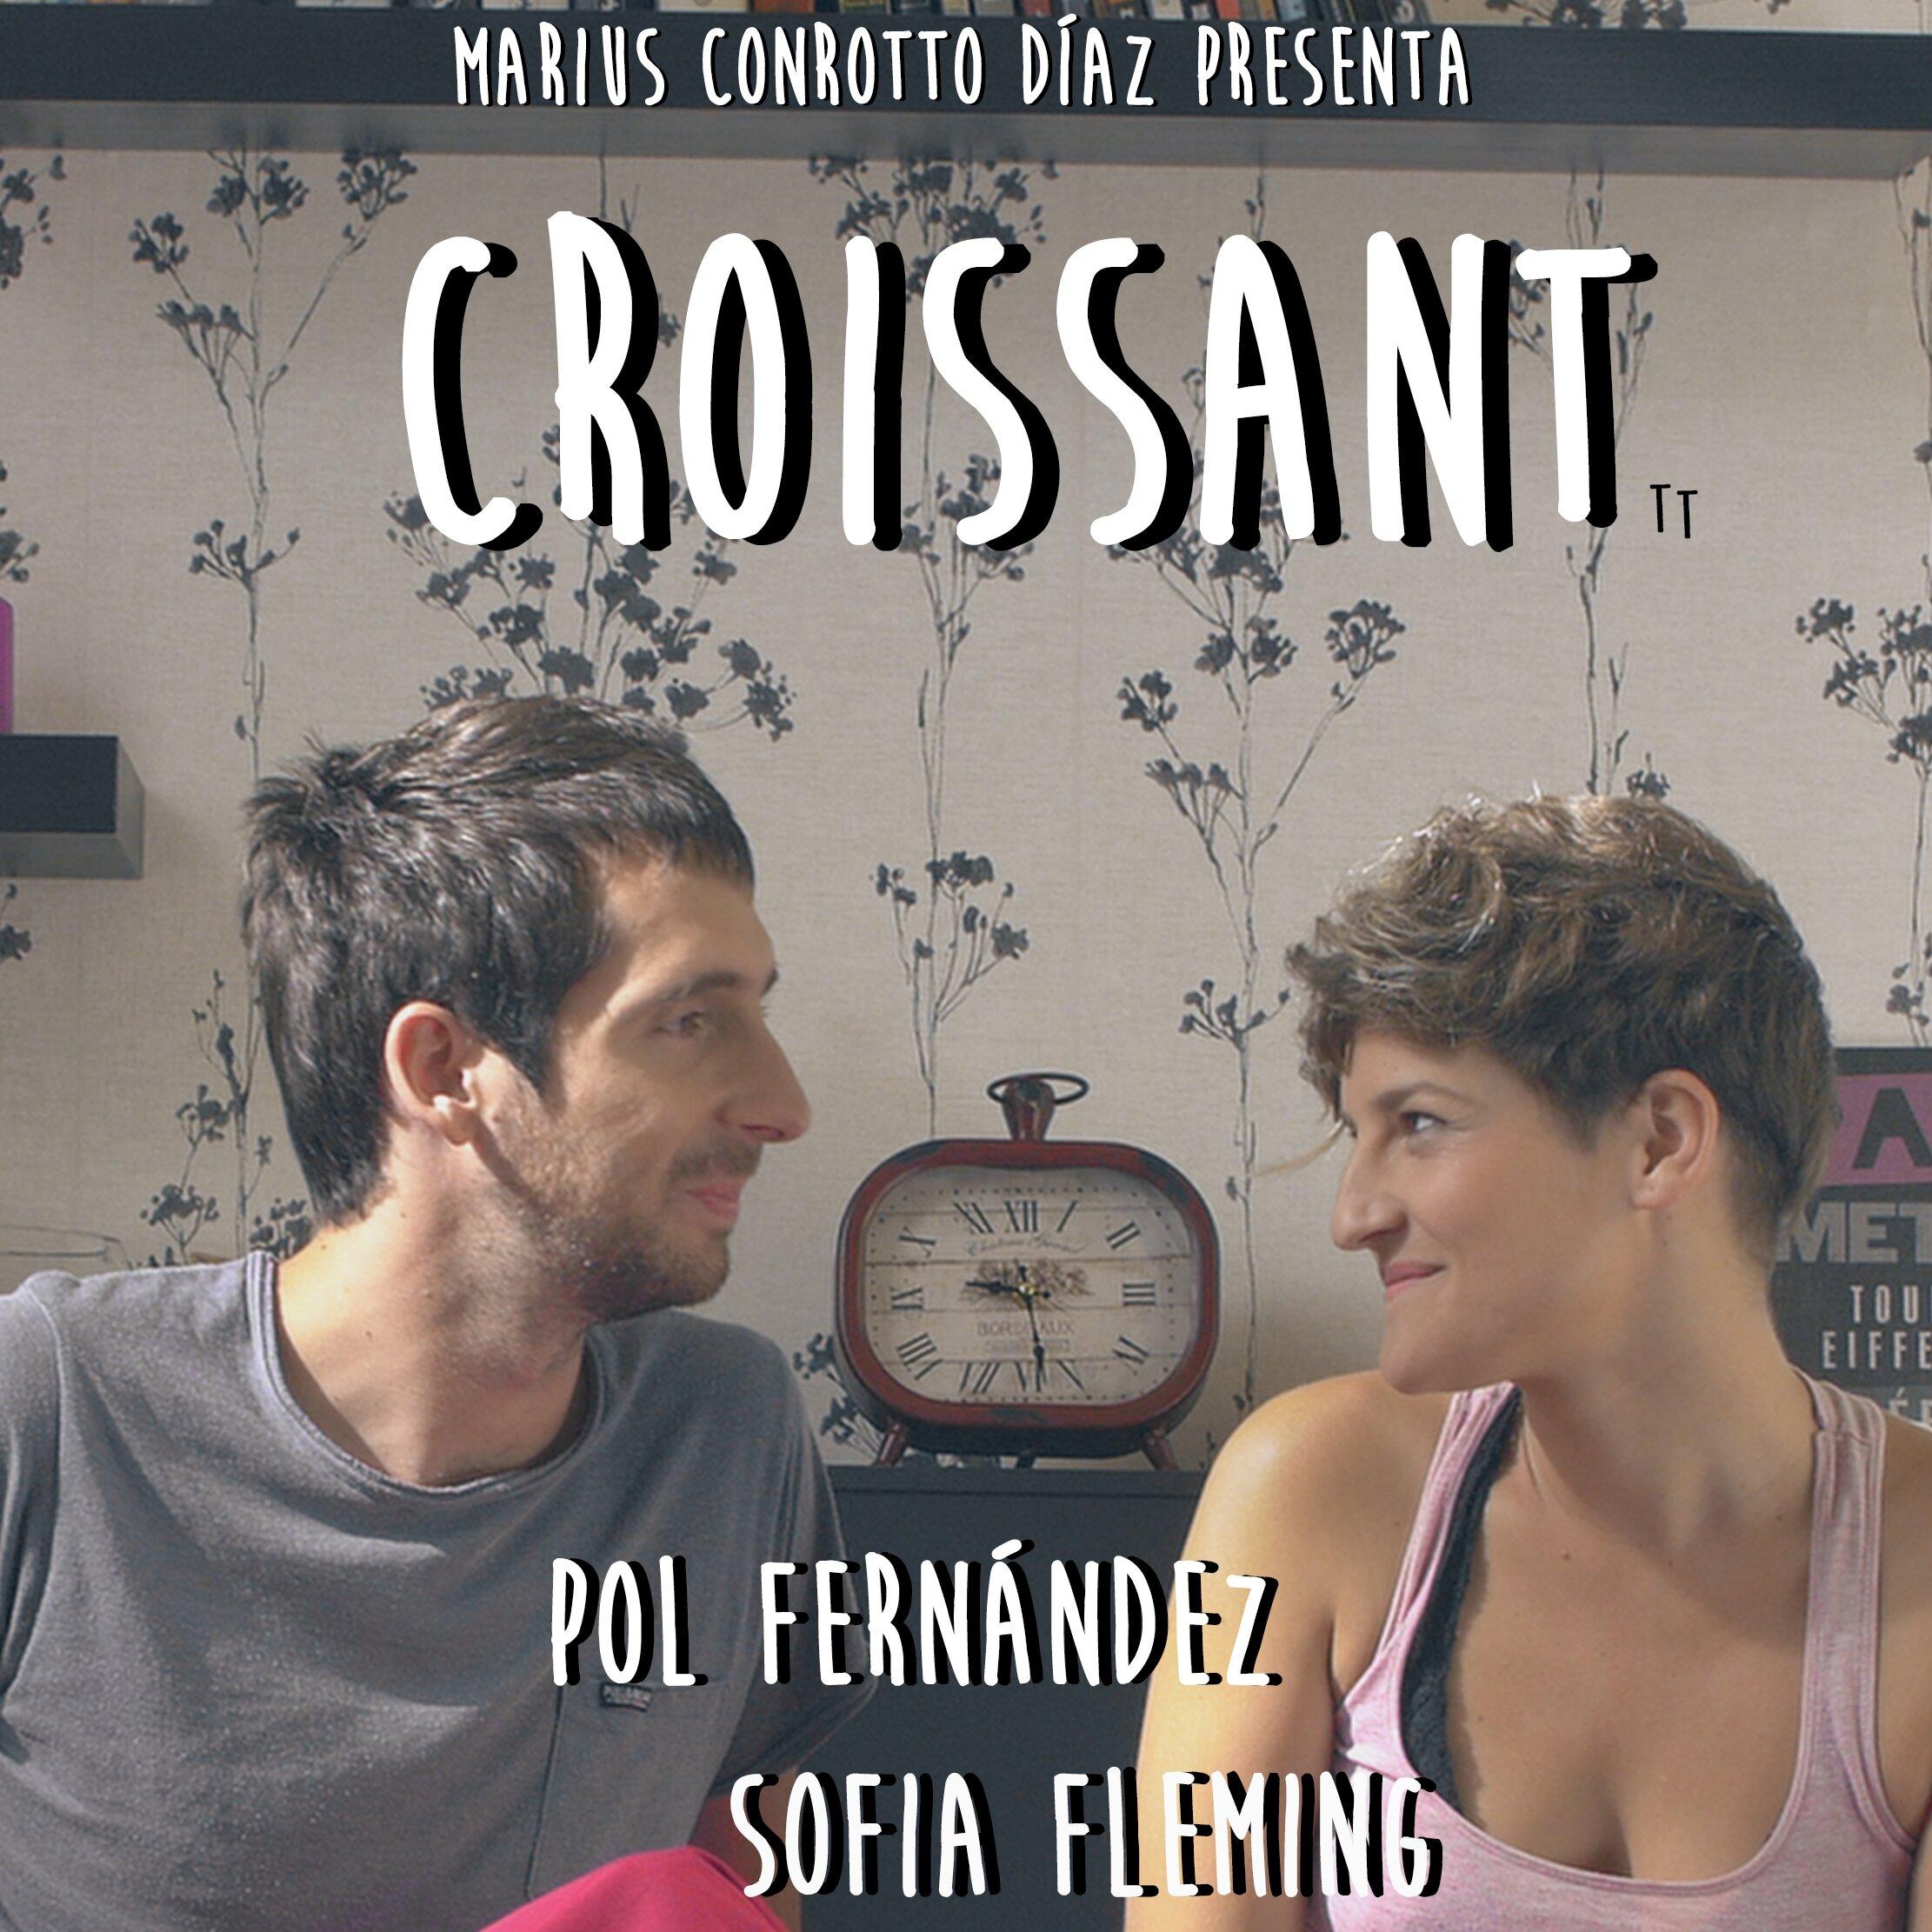 criossiant-new-square